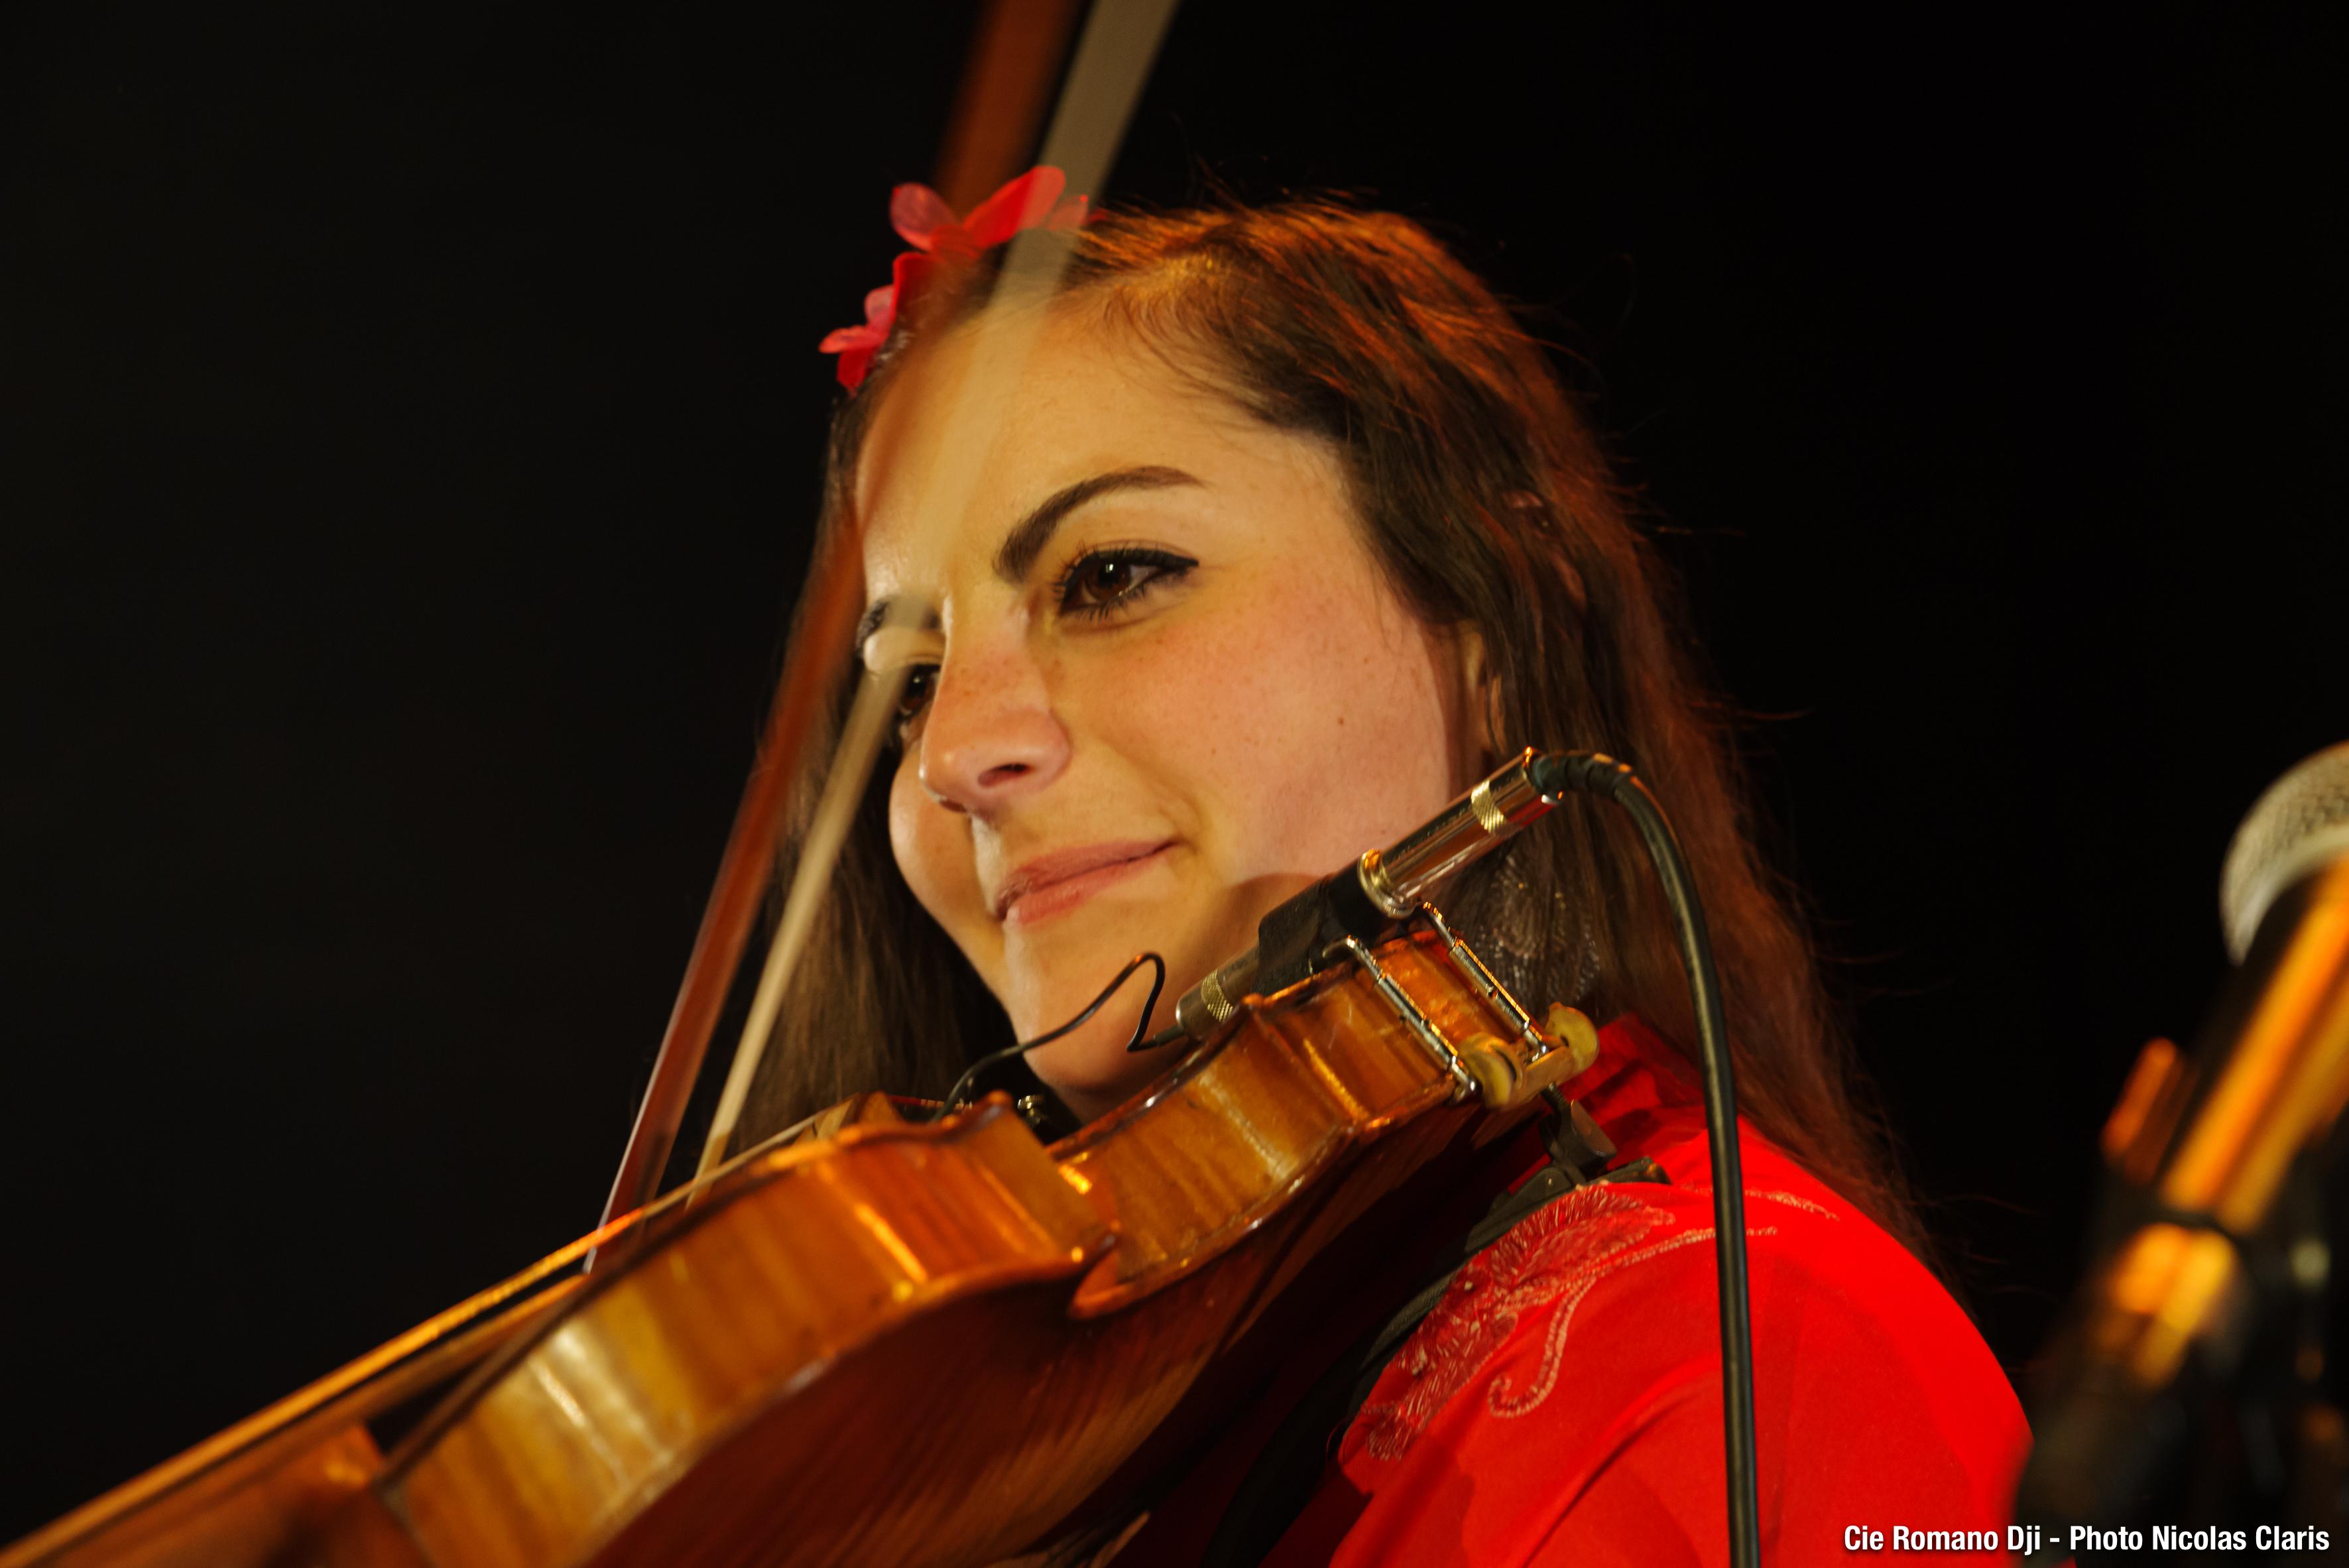 Mariana Kreimer